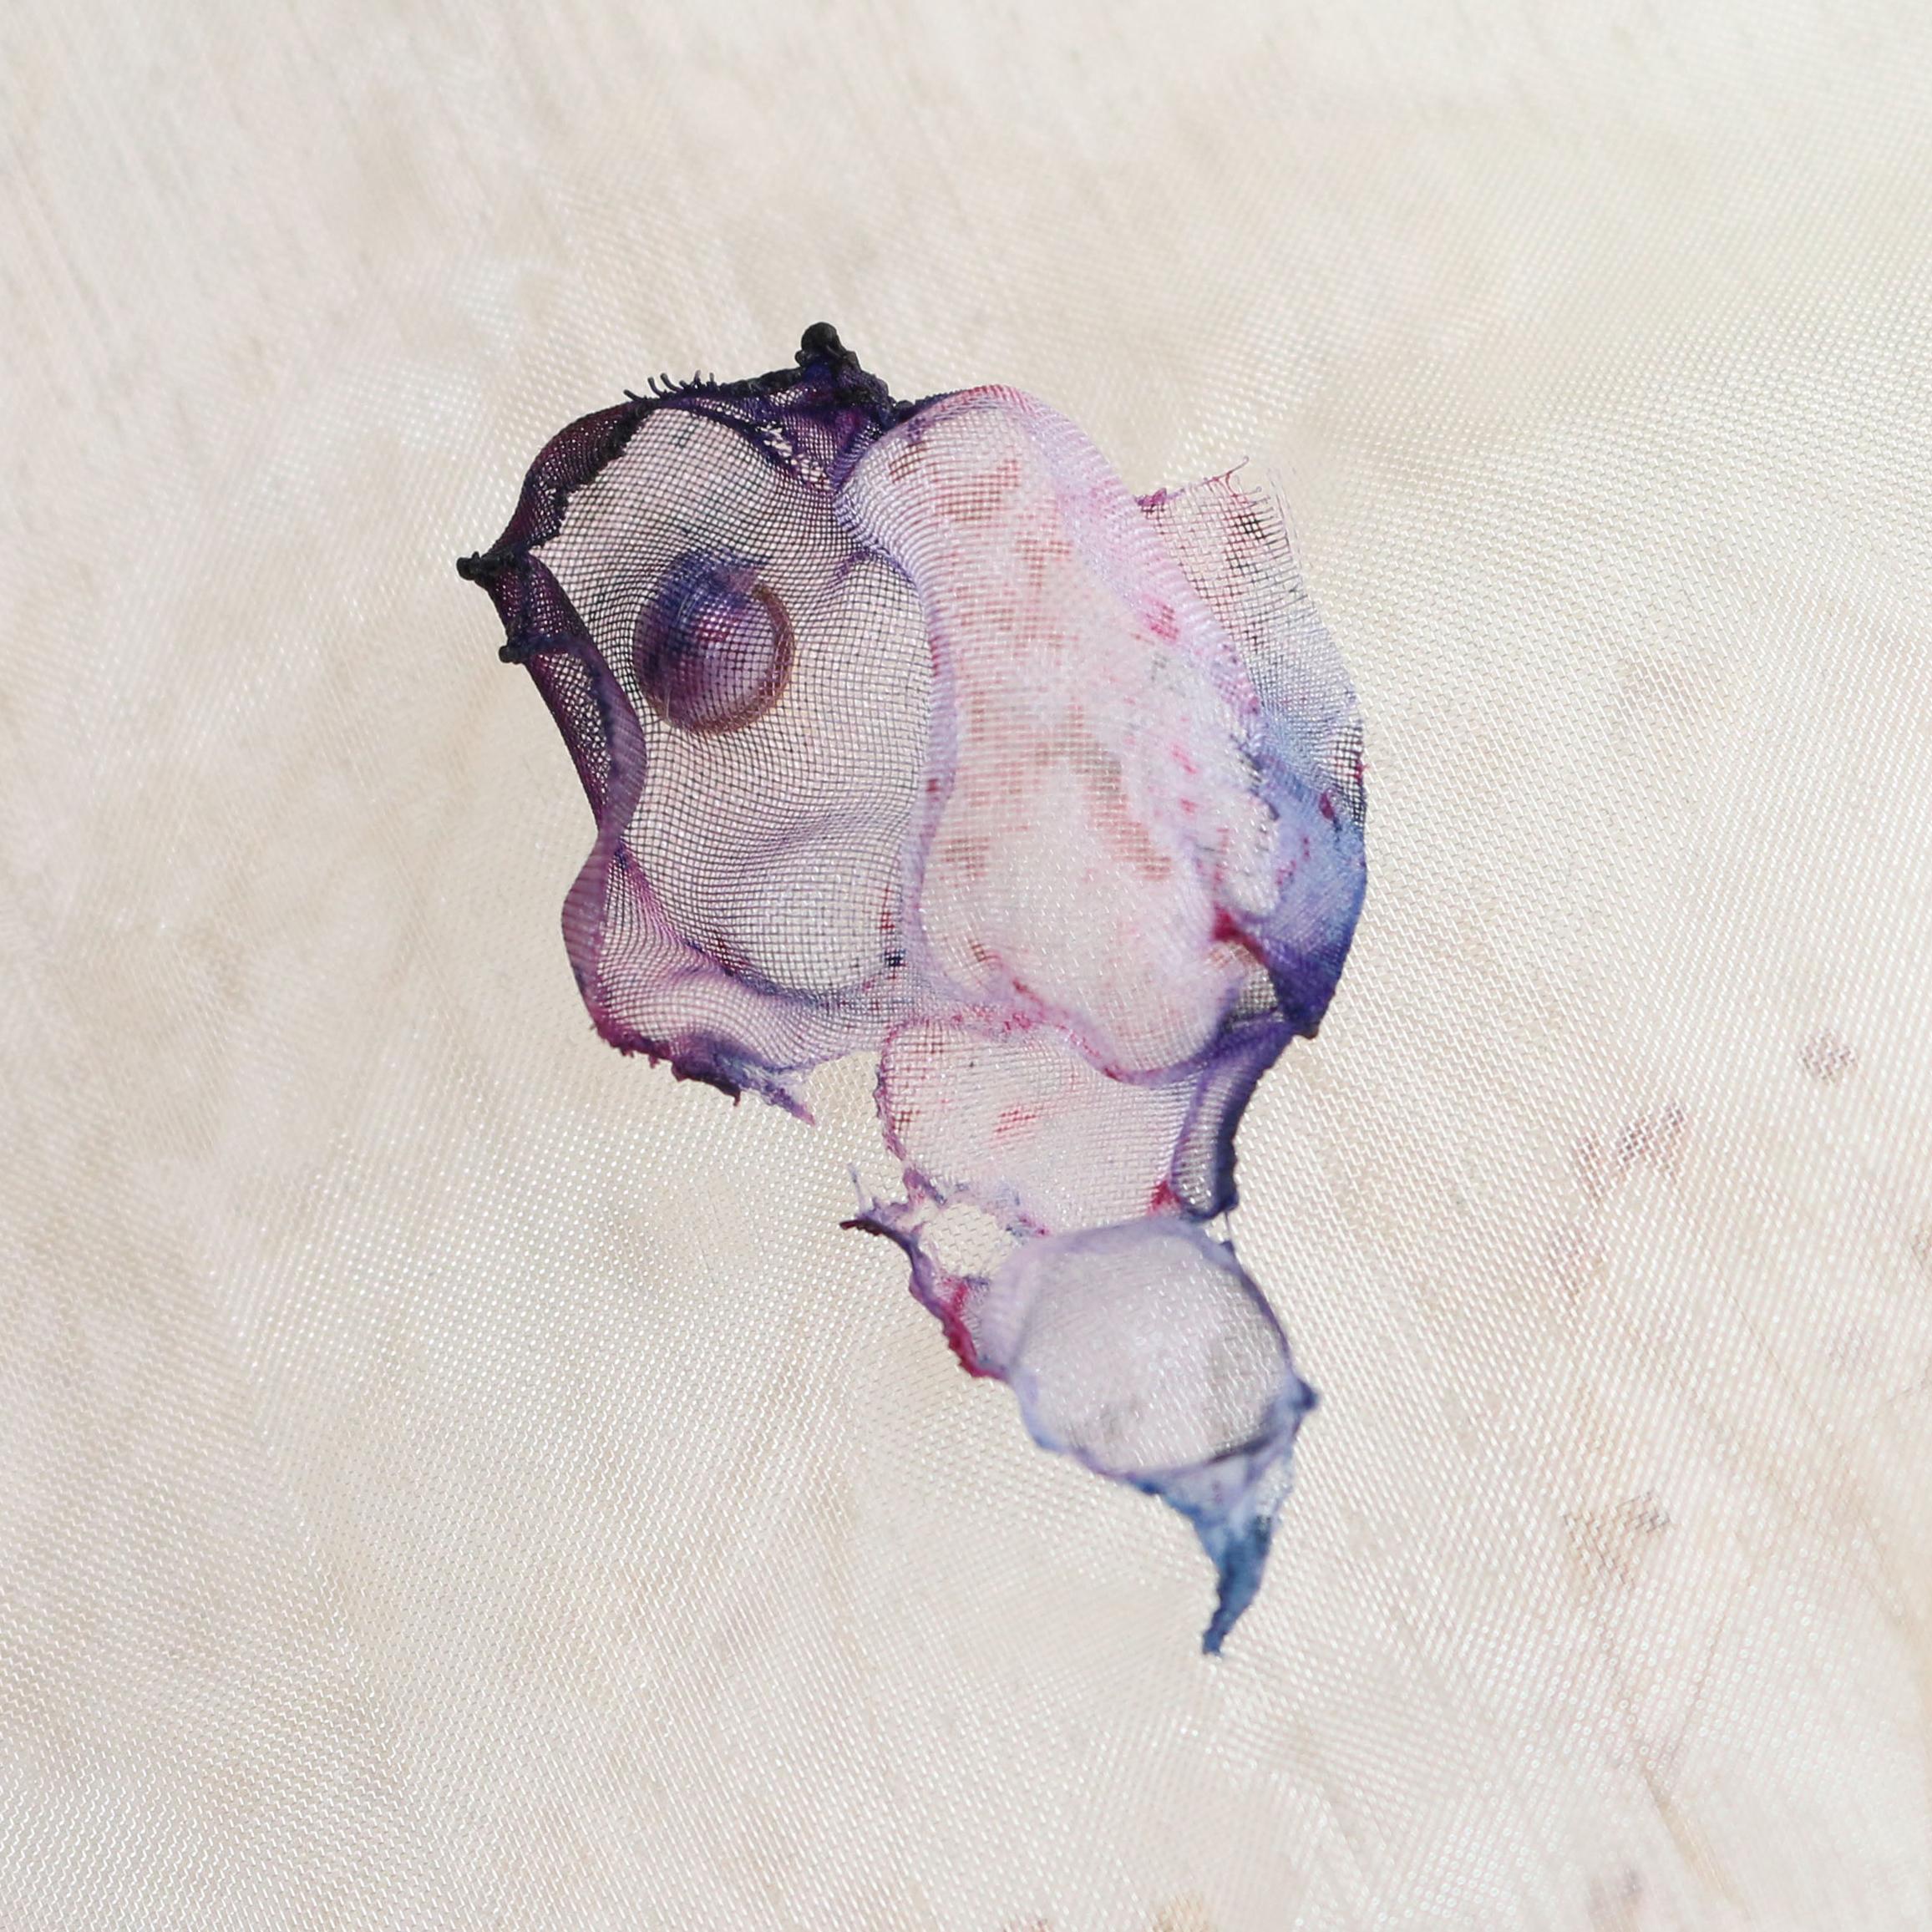 染めオーガンジーのアートピアス|ピンクパープル